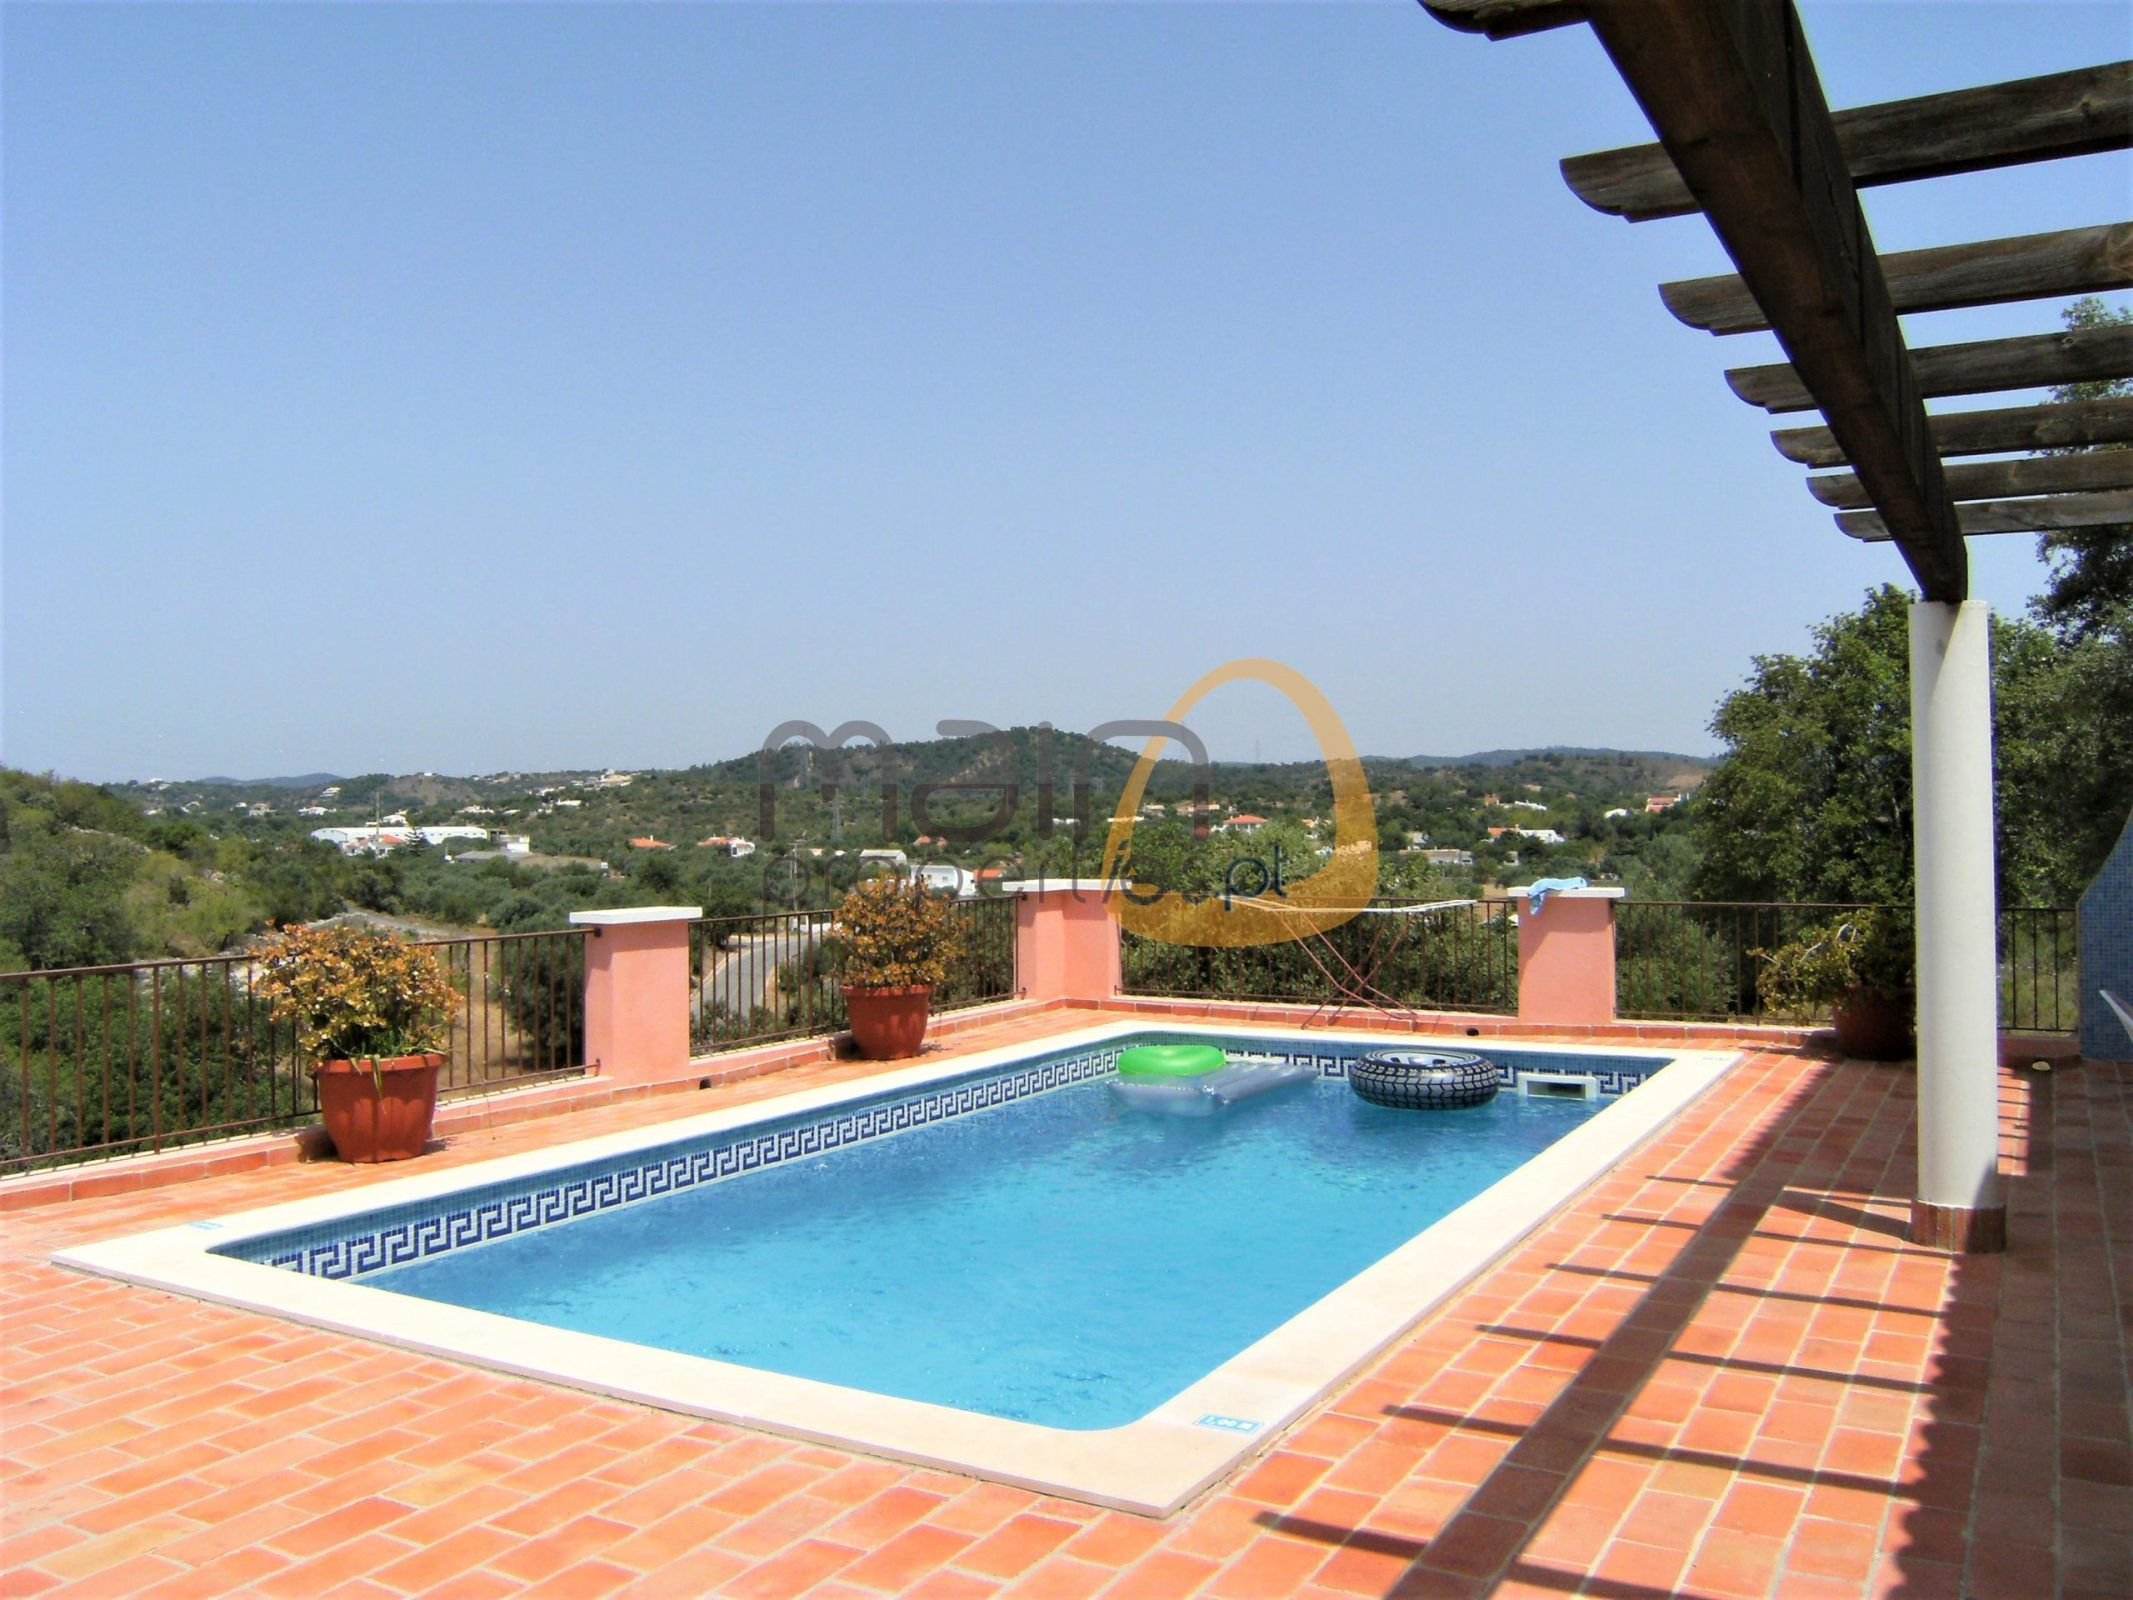 Villa with 6 bedrooms and private pool in São Brás de Alportel